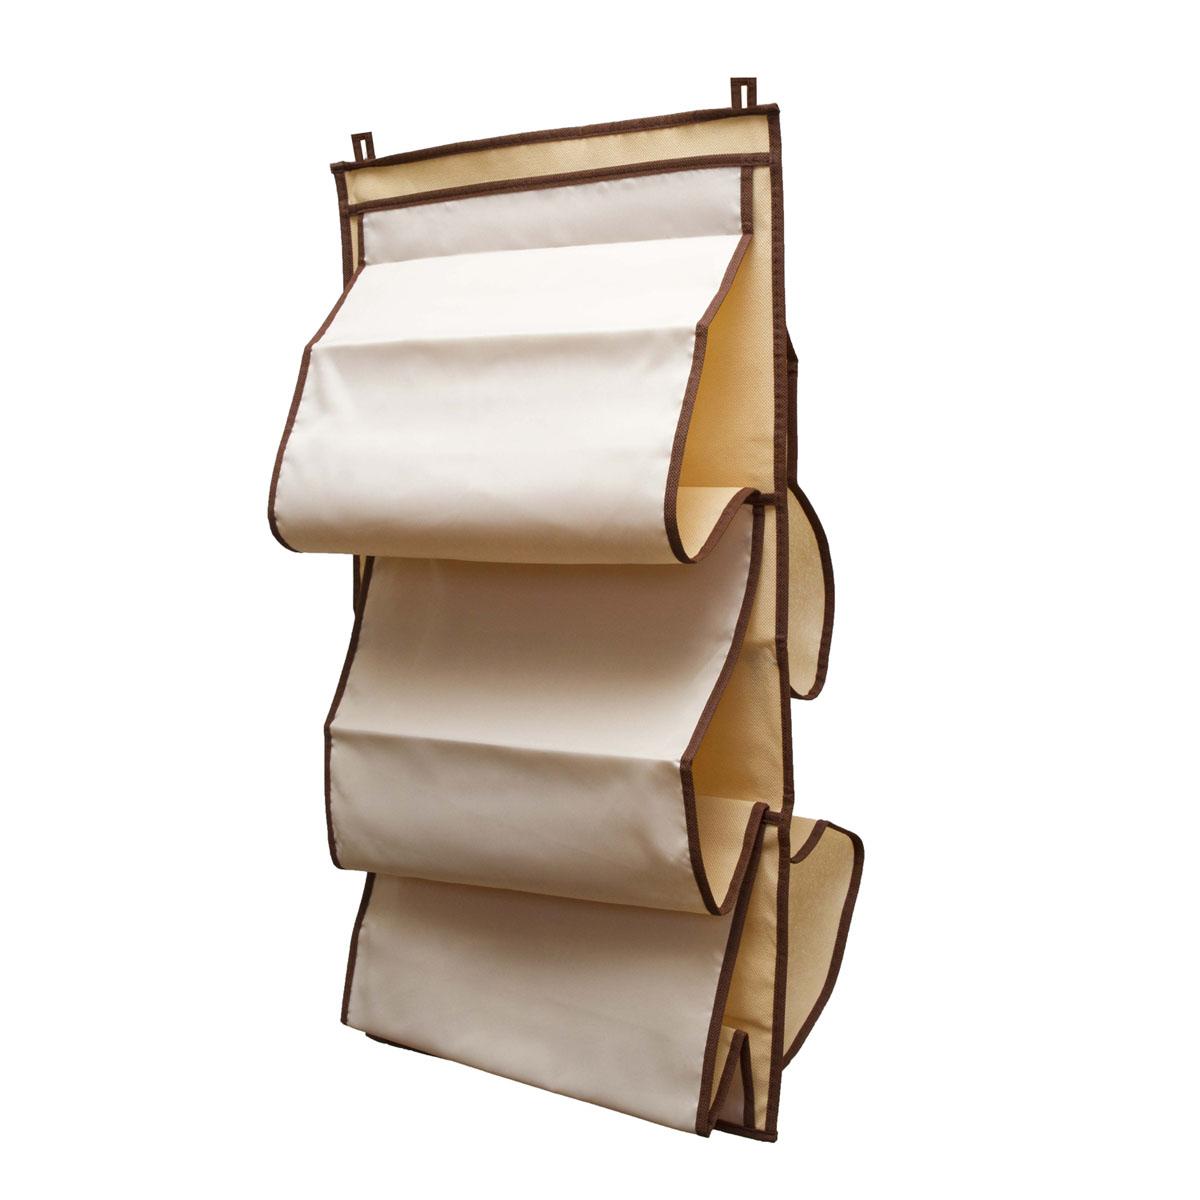 Органайзер для сумок Homsu Bora-Bora, 5 отделений, 40 х 70 смHOM-24Органайзер для хранения сумок Homsu Bora-Bora изготовлен из полиэстера. Изделие имеет 5 отделений, его можно повесить в удобное место за крючки. Такой компактный и удобный в каждодневном использовании аксессуар, как этот органайзер, размещающийся в пространстве шкафа, на плоскости стены или дверей. Практичный и удобный органайзер для хранения сумок. Размер чехла: 40 х 70 см.